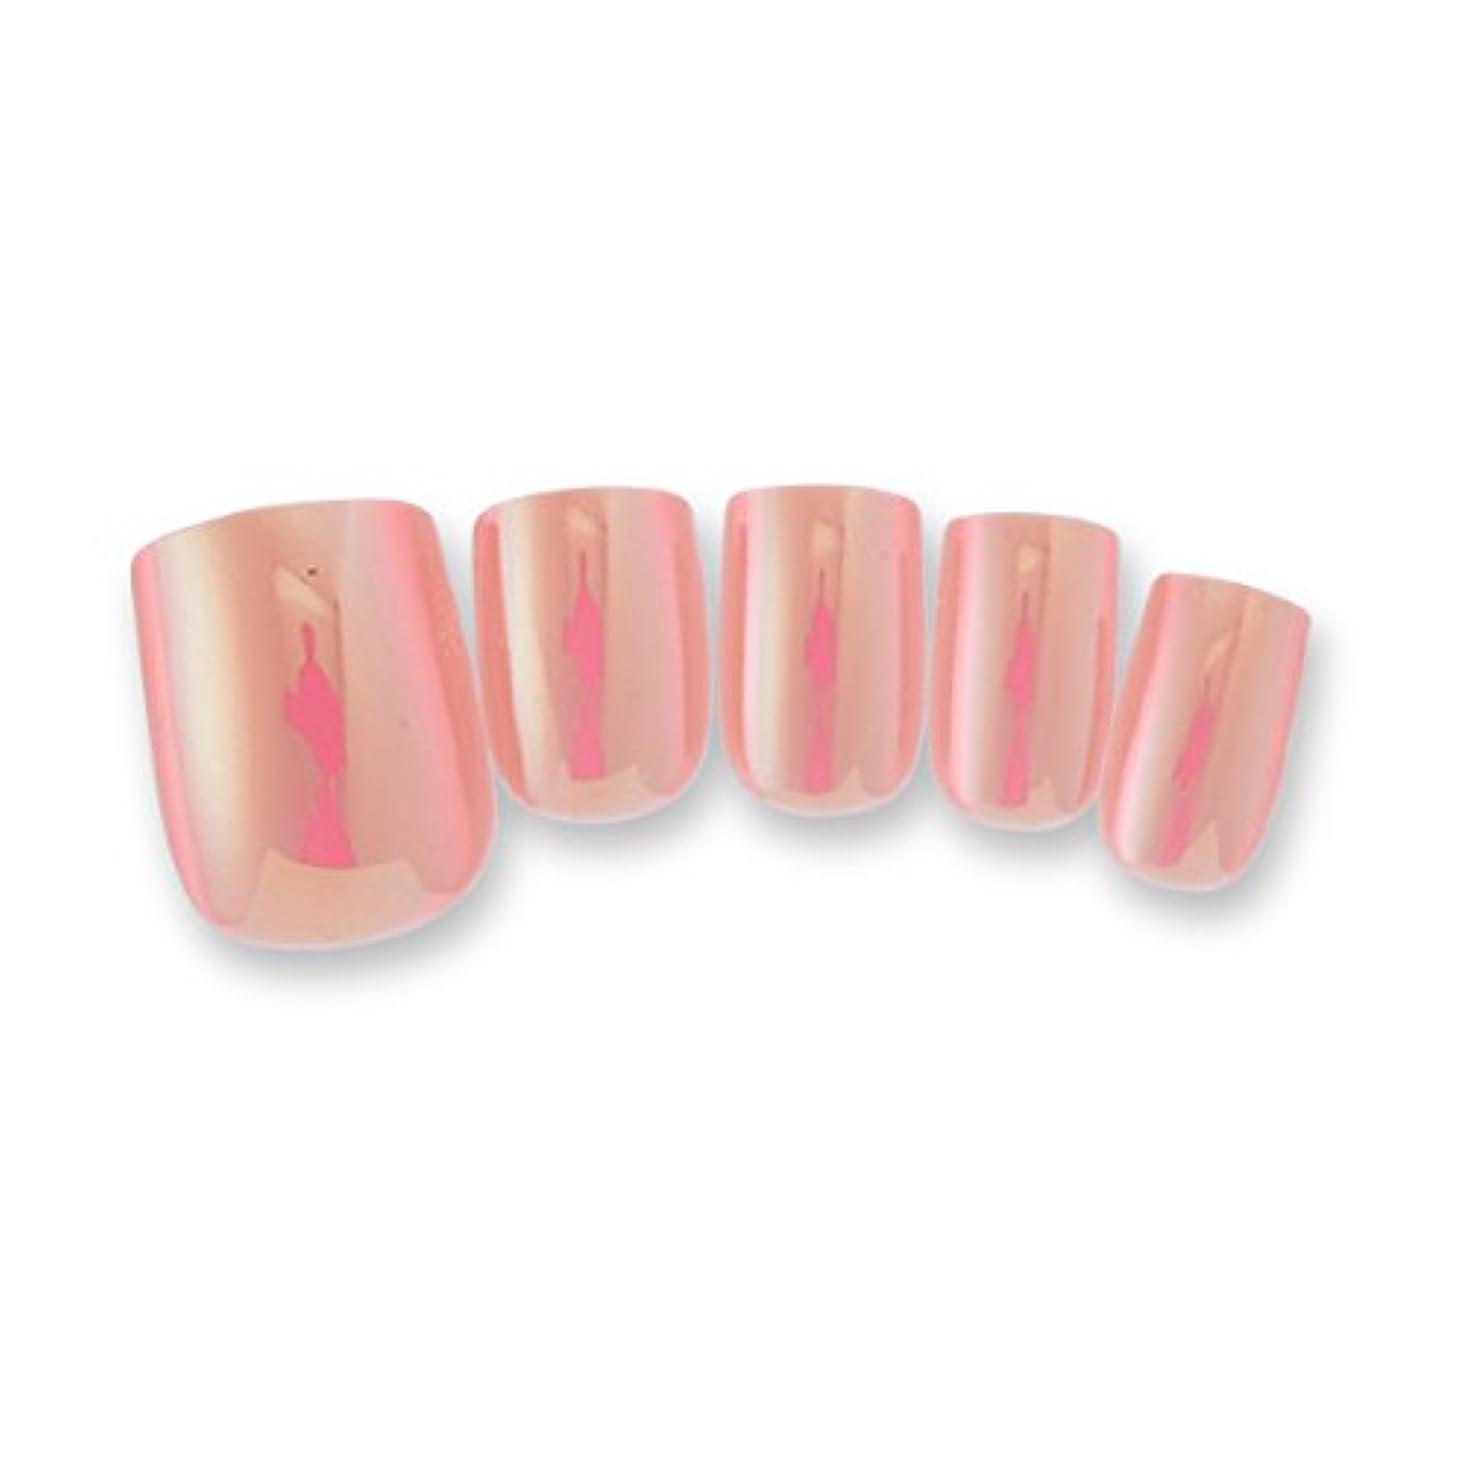 治療ヒロインそれ< OMD > Feel soft Nail tip No.17 ピンク (84枚入り) [ ペディキュアチップ ペディチップ ペディキュアネイルチップ ミラーチップ 足用ネイルチップ フットネイルチップ 親指 足 ネイルチップ ネイルシール ペディキュア チップ シール つけ爪 付け爪 ]